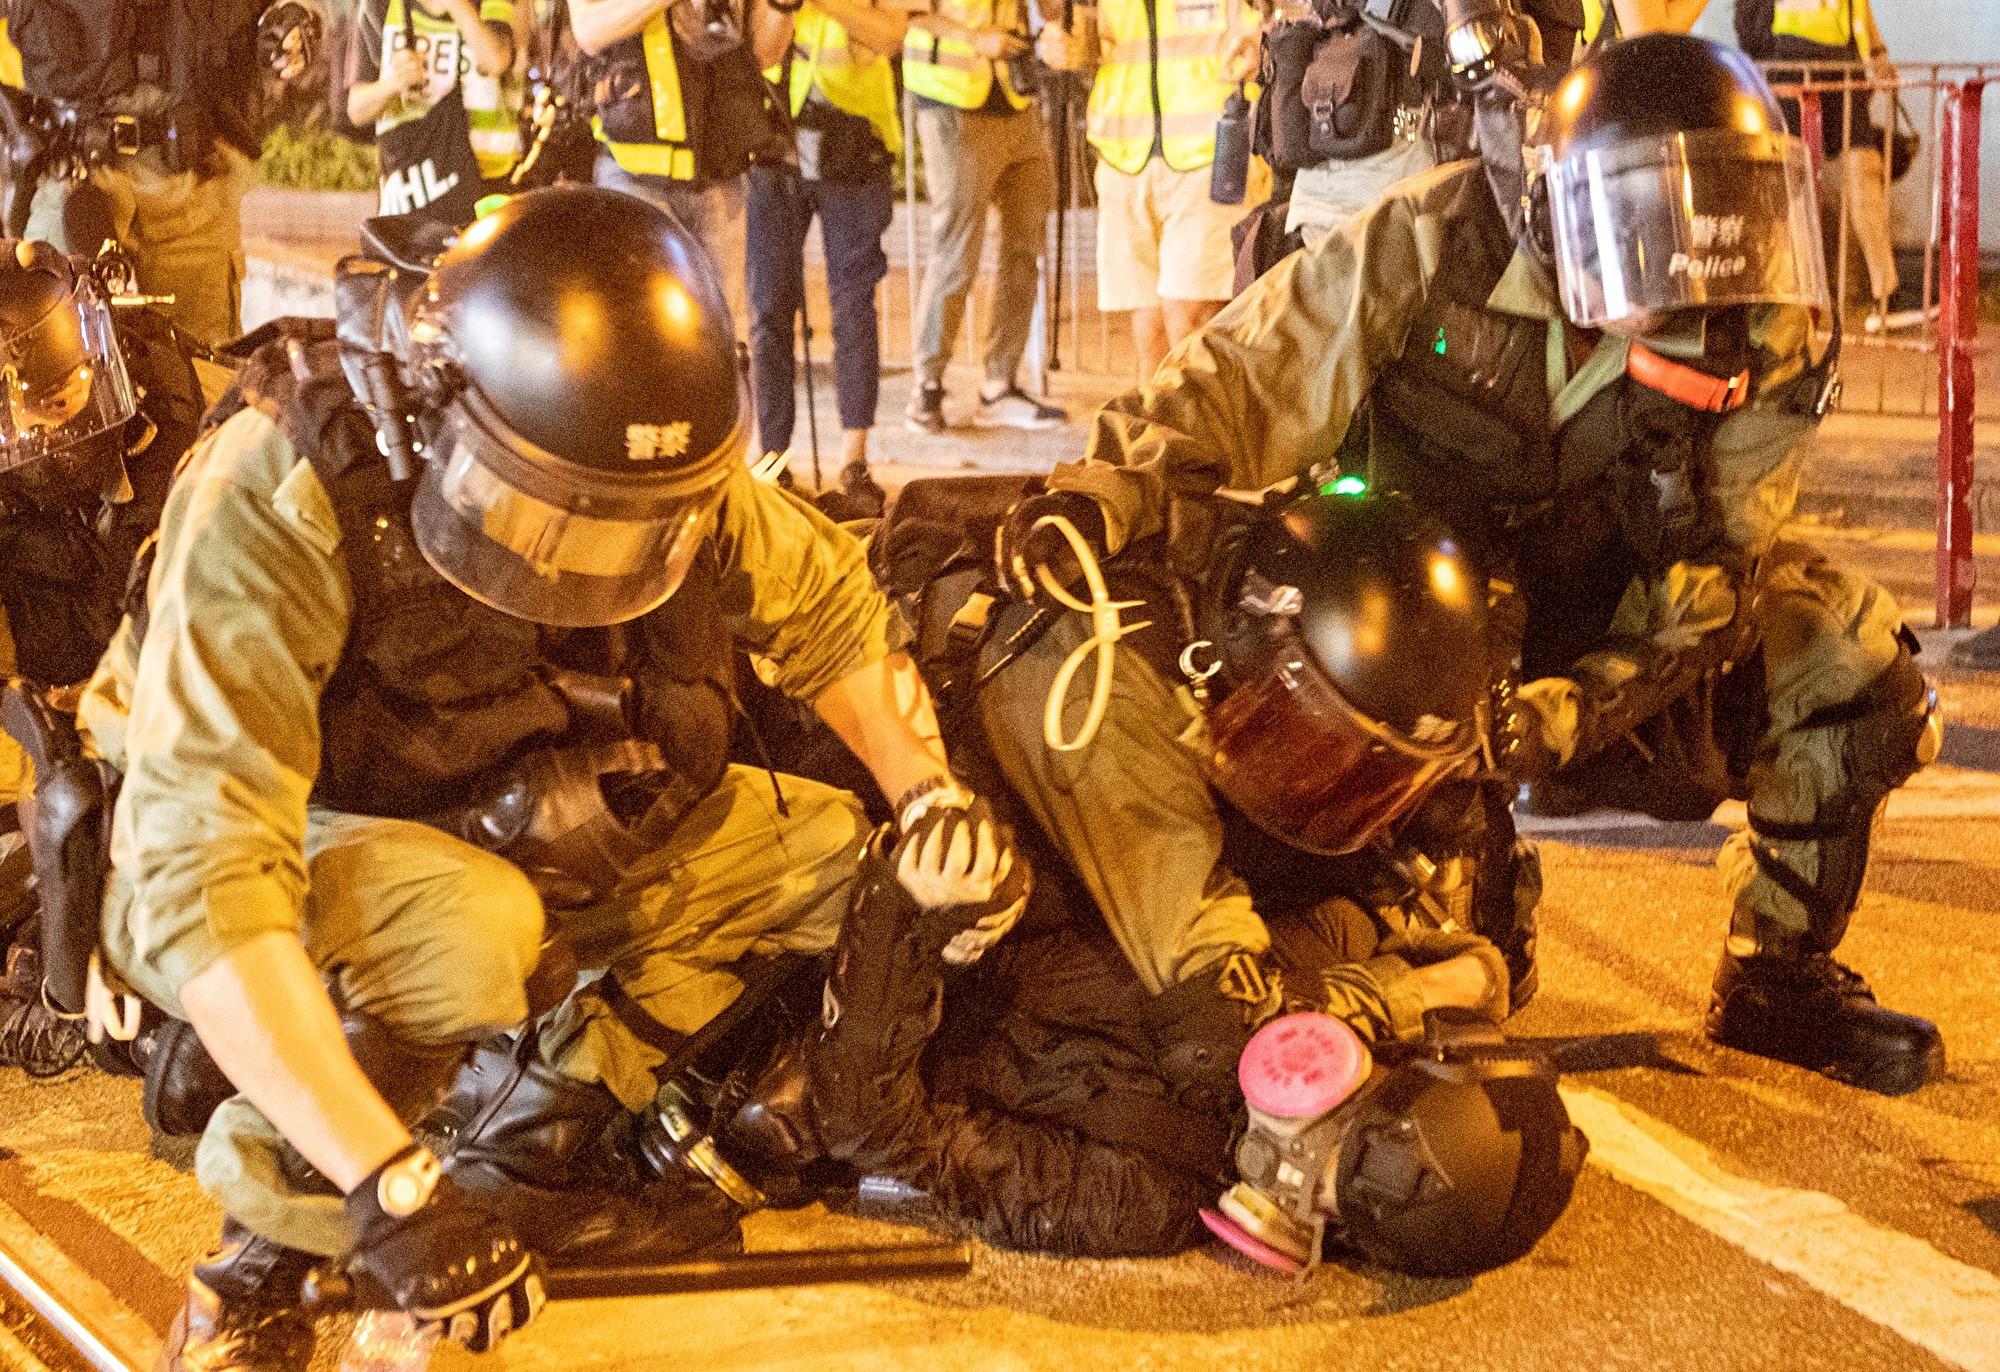 9月29日,遊行隊伍經過灣仔遭遇警方武力清場,有抗爭者被拘捕。(余鋼/大紀元)